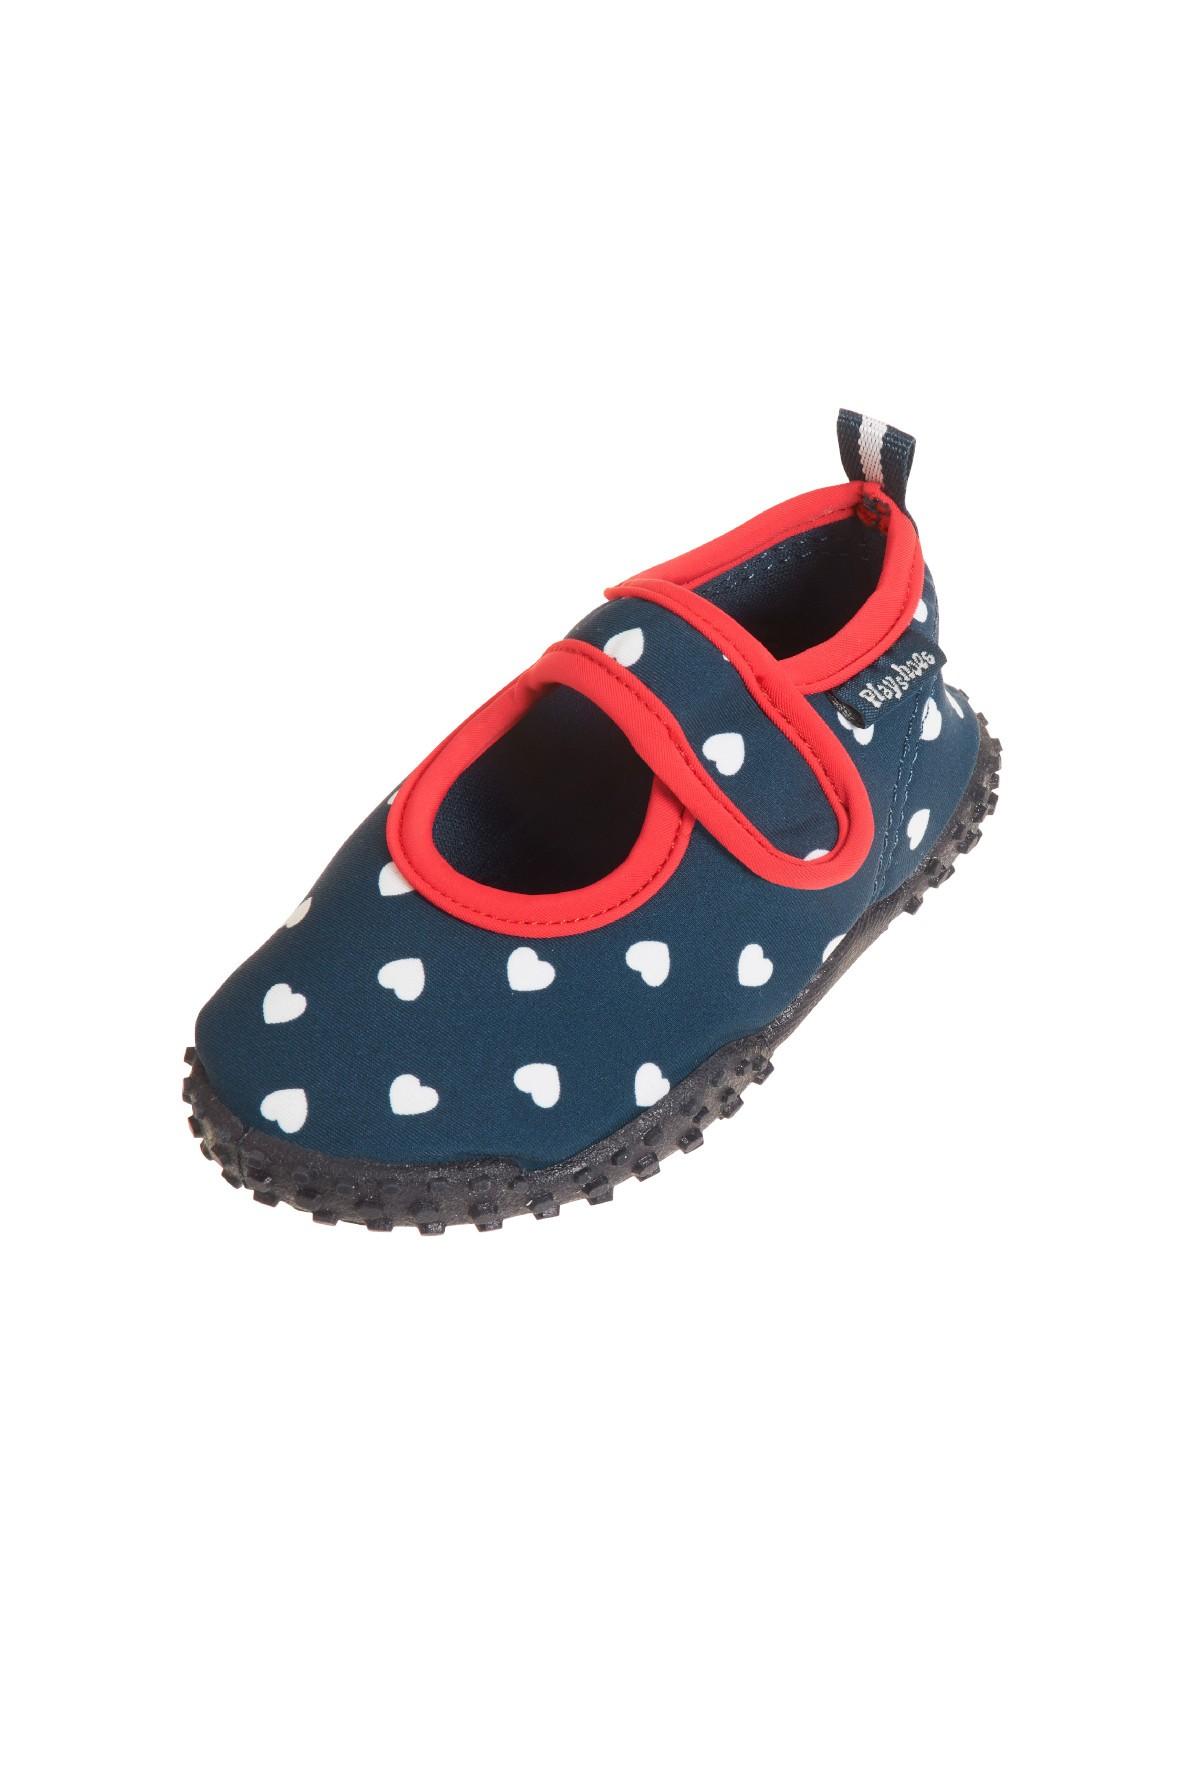 Buty kąpielowe z filtrem UV 50+ granatowe w białe serduszka